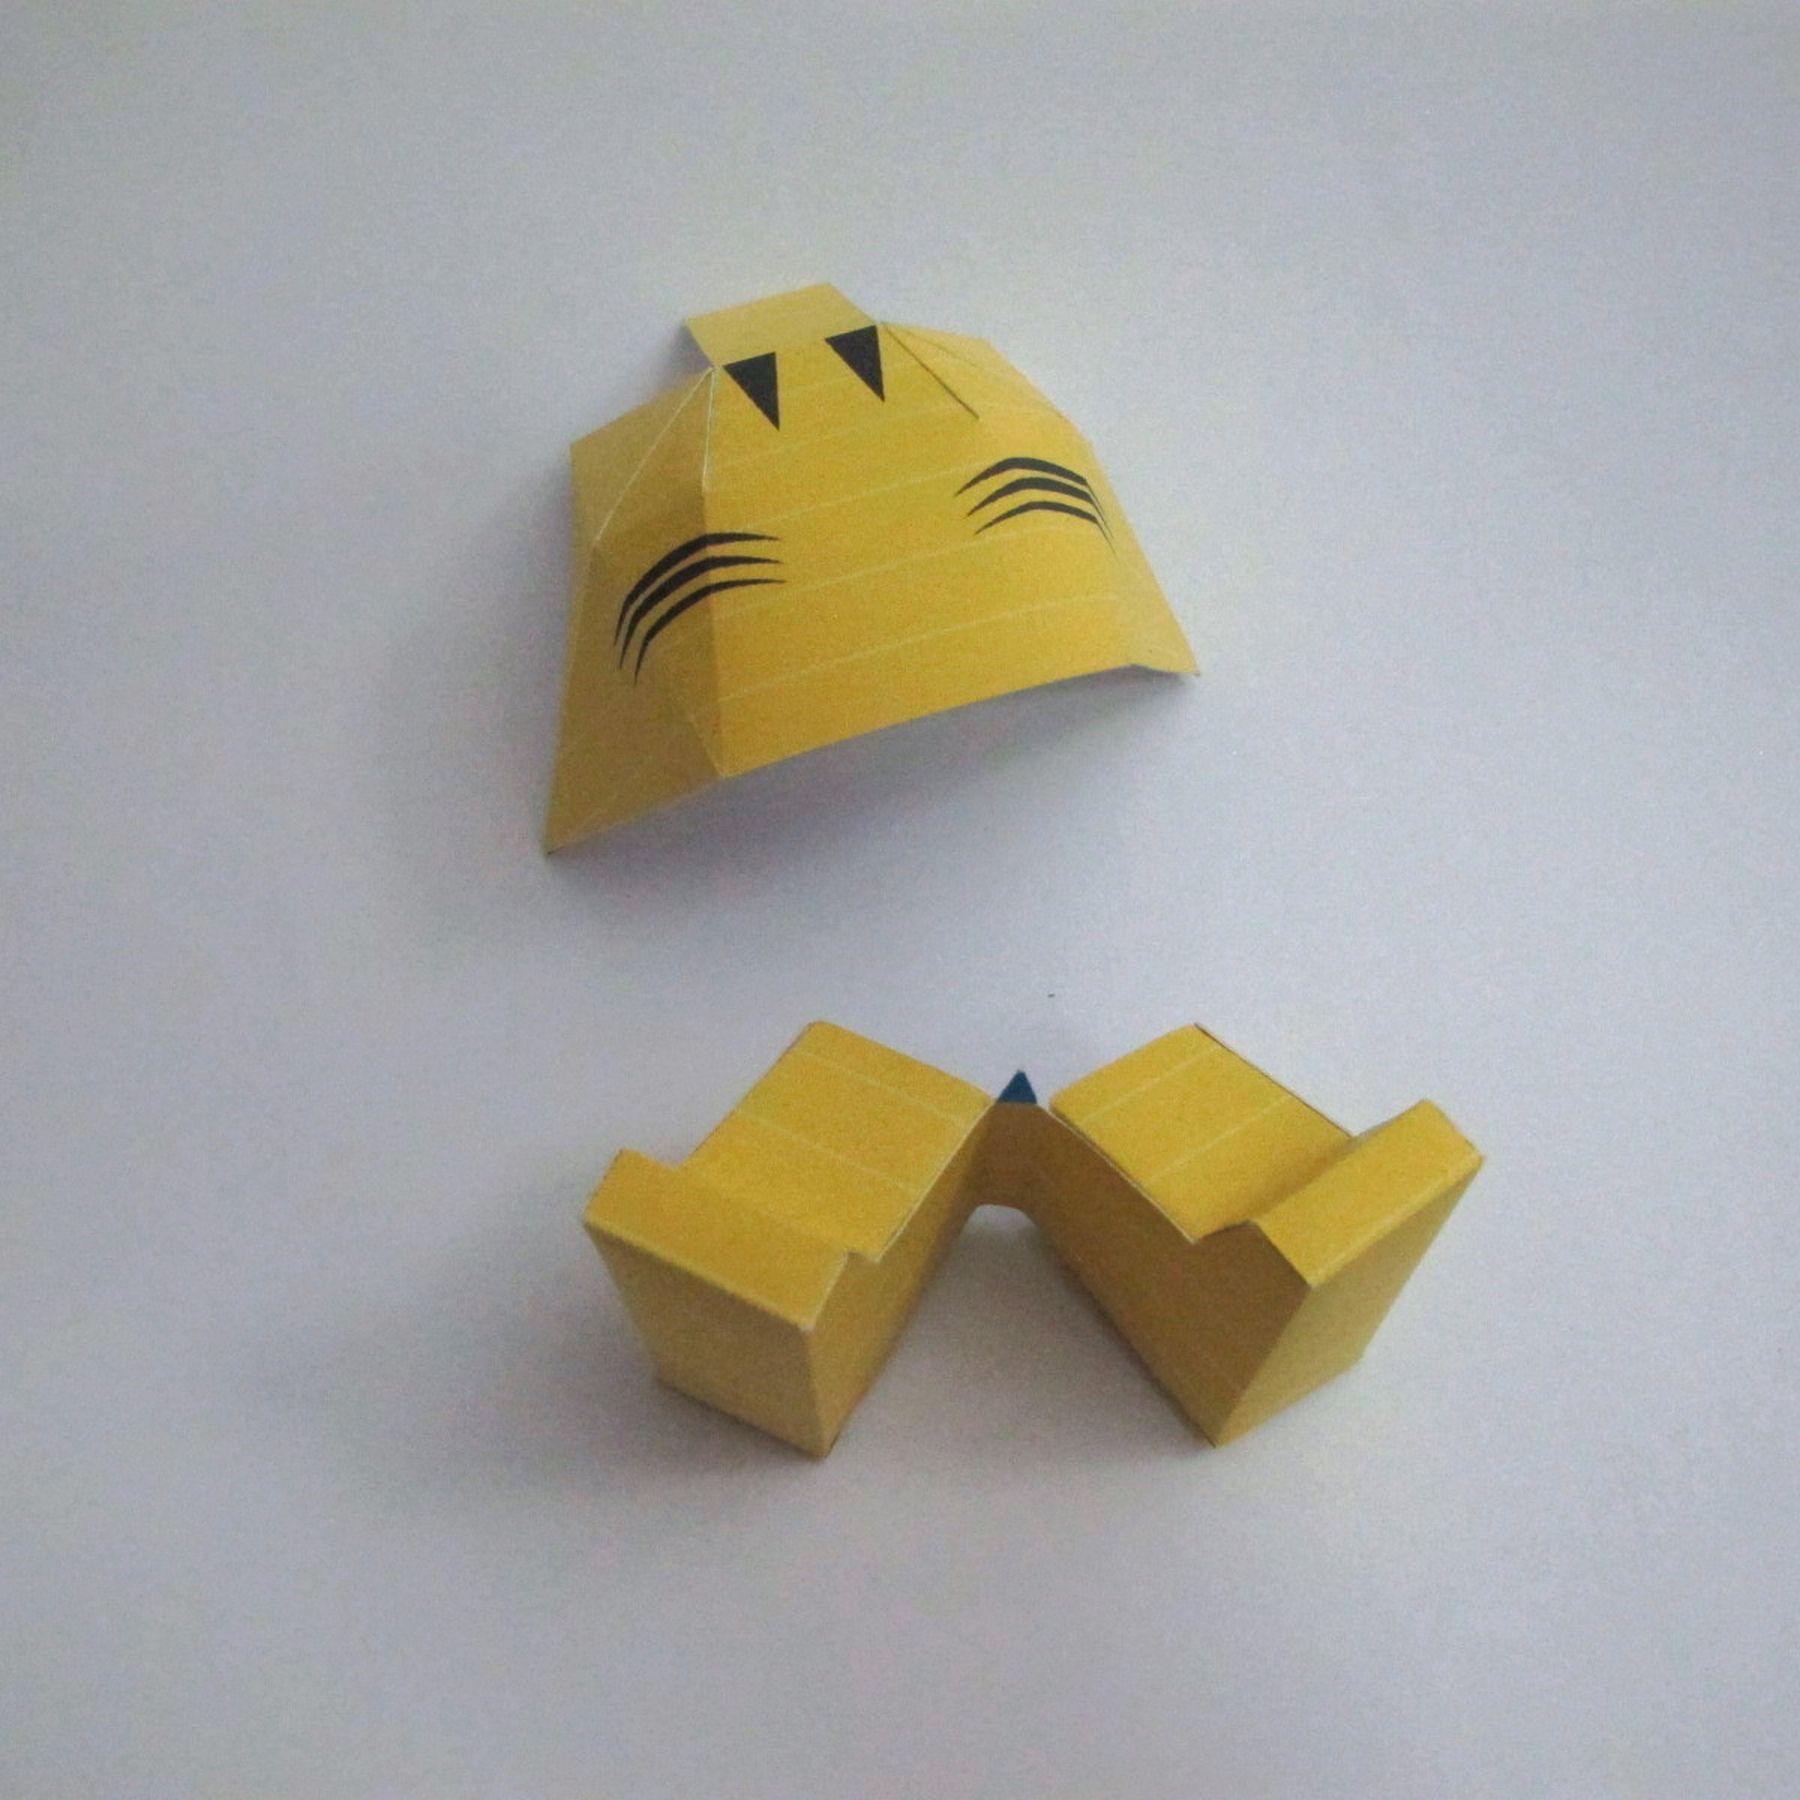 วิธีทำของเล่นโมเดลกระดาษ วูฟเวอรีน (Chibi Wolverine Papercraft Model) 026